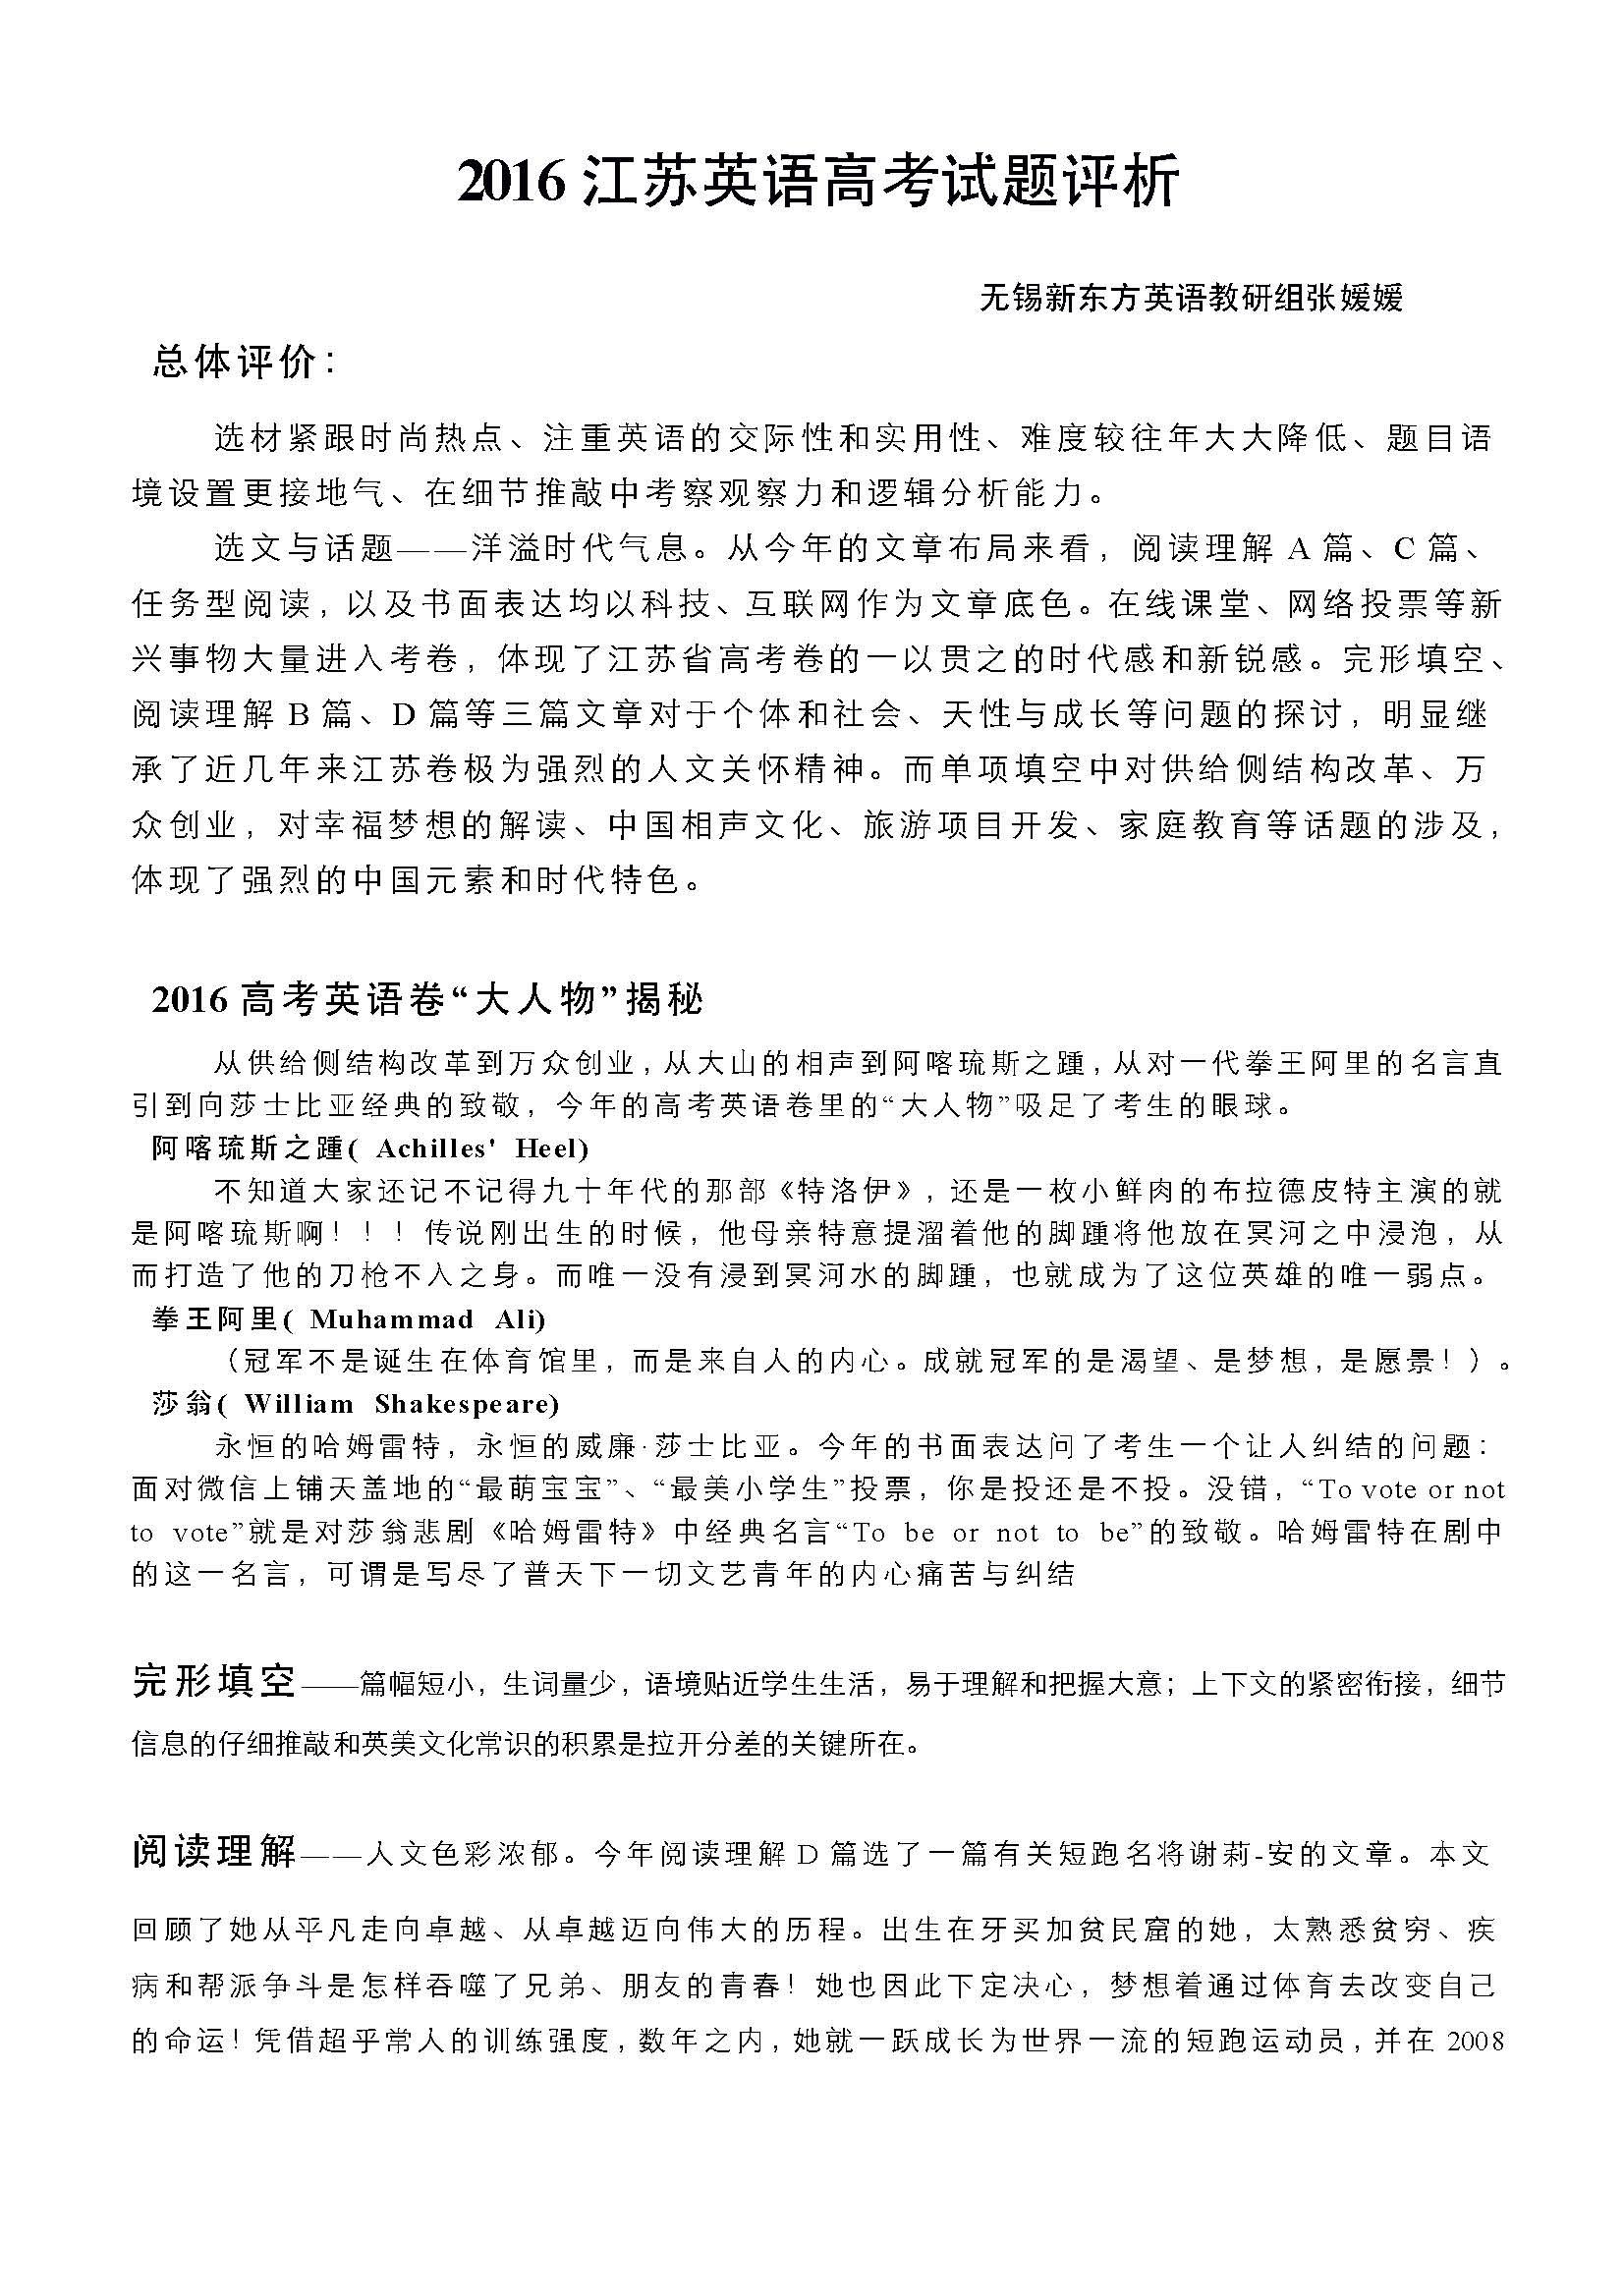 江苏2016高考英语试题评析(无锡新东方)